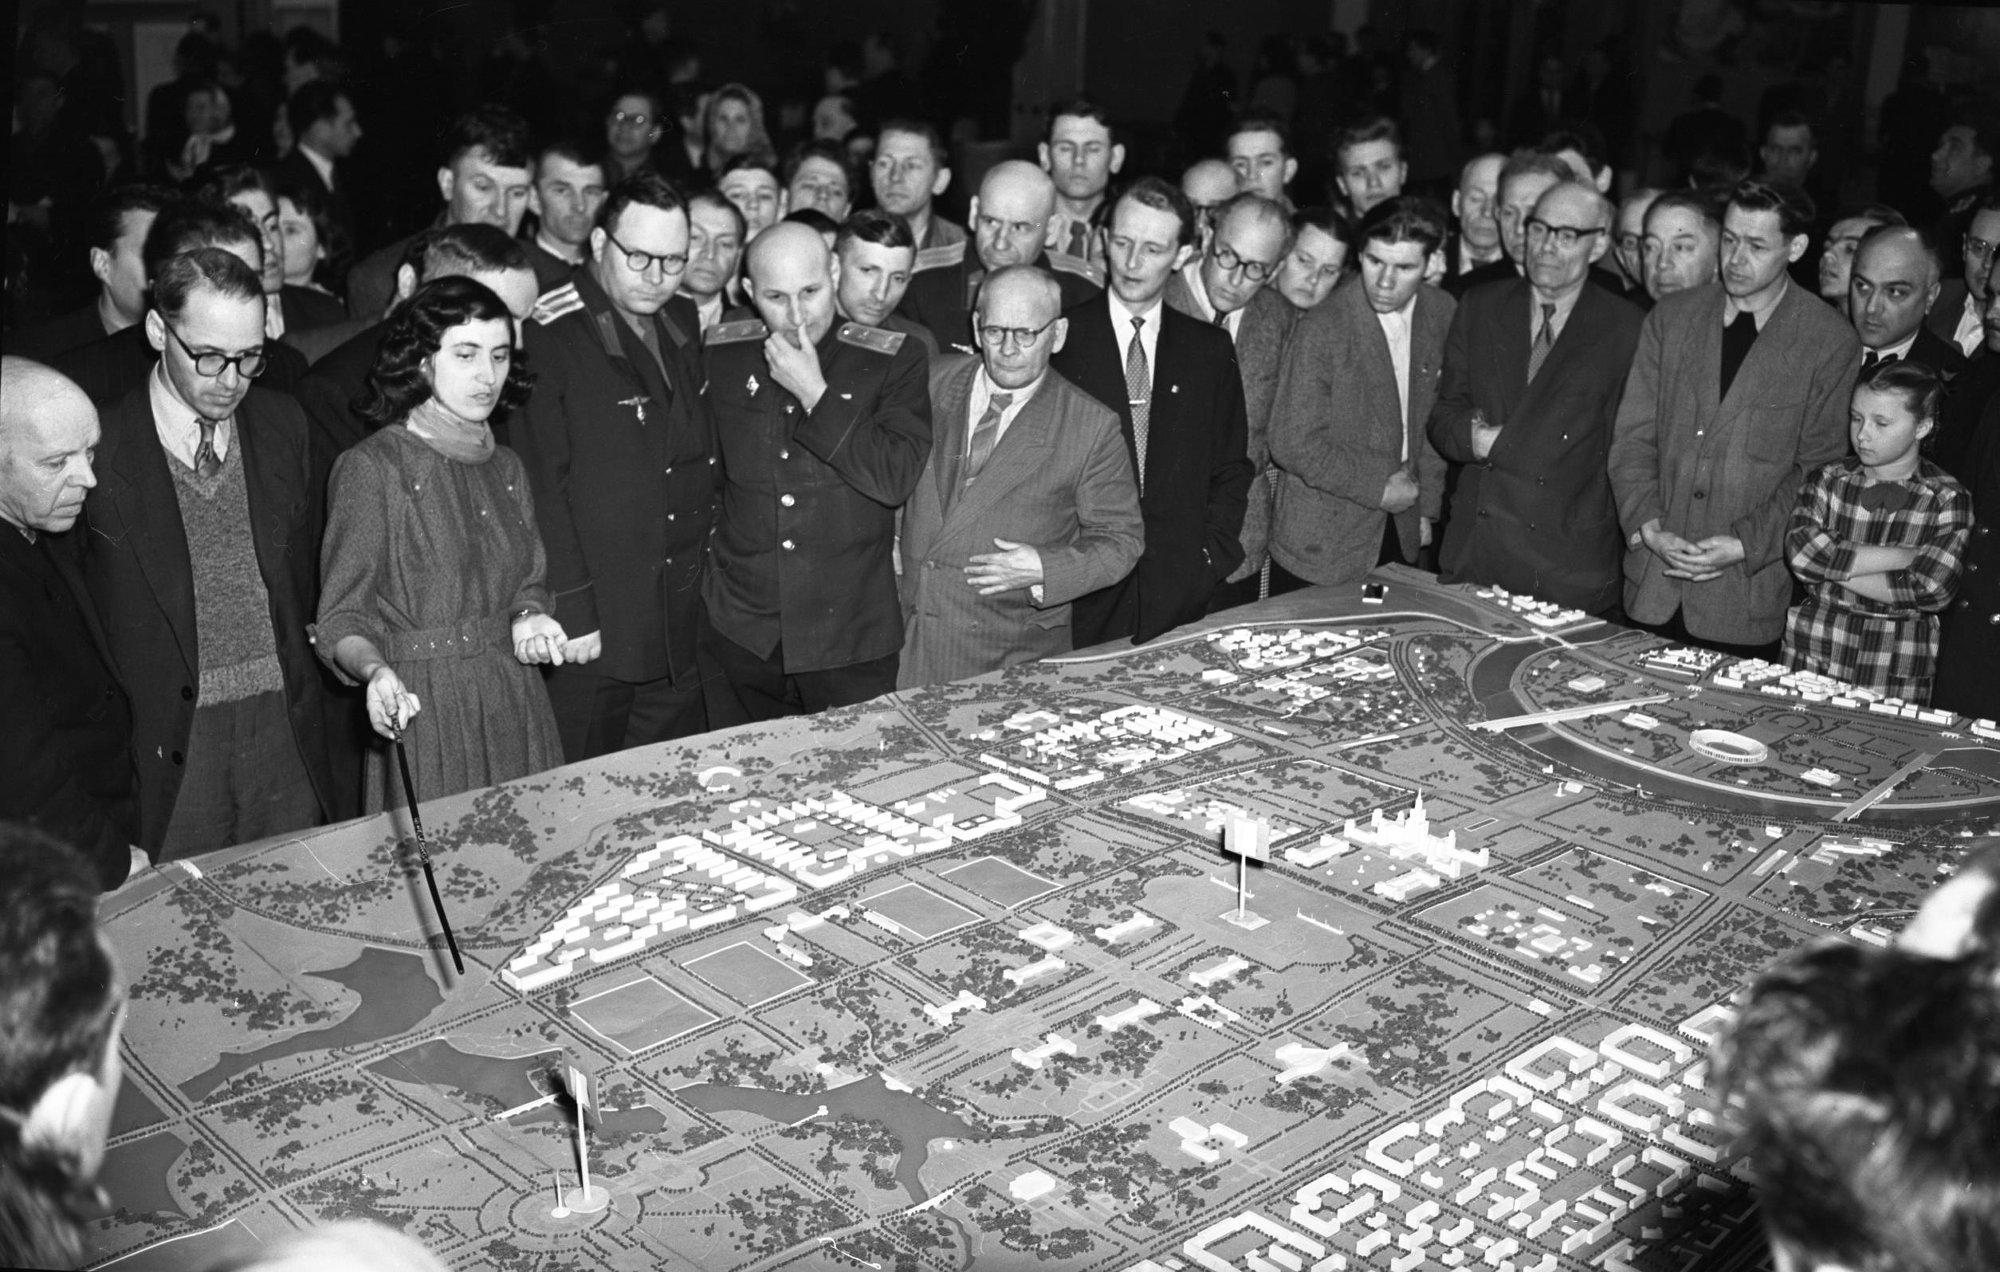 1957-59 Центральный выставочный зал. Макет застройки Юго-Западного района Москвы. Евзерихин Е.Н.